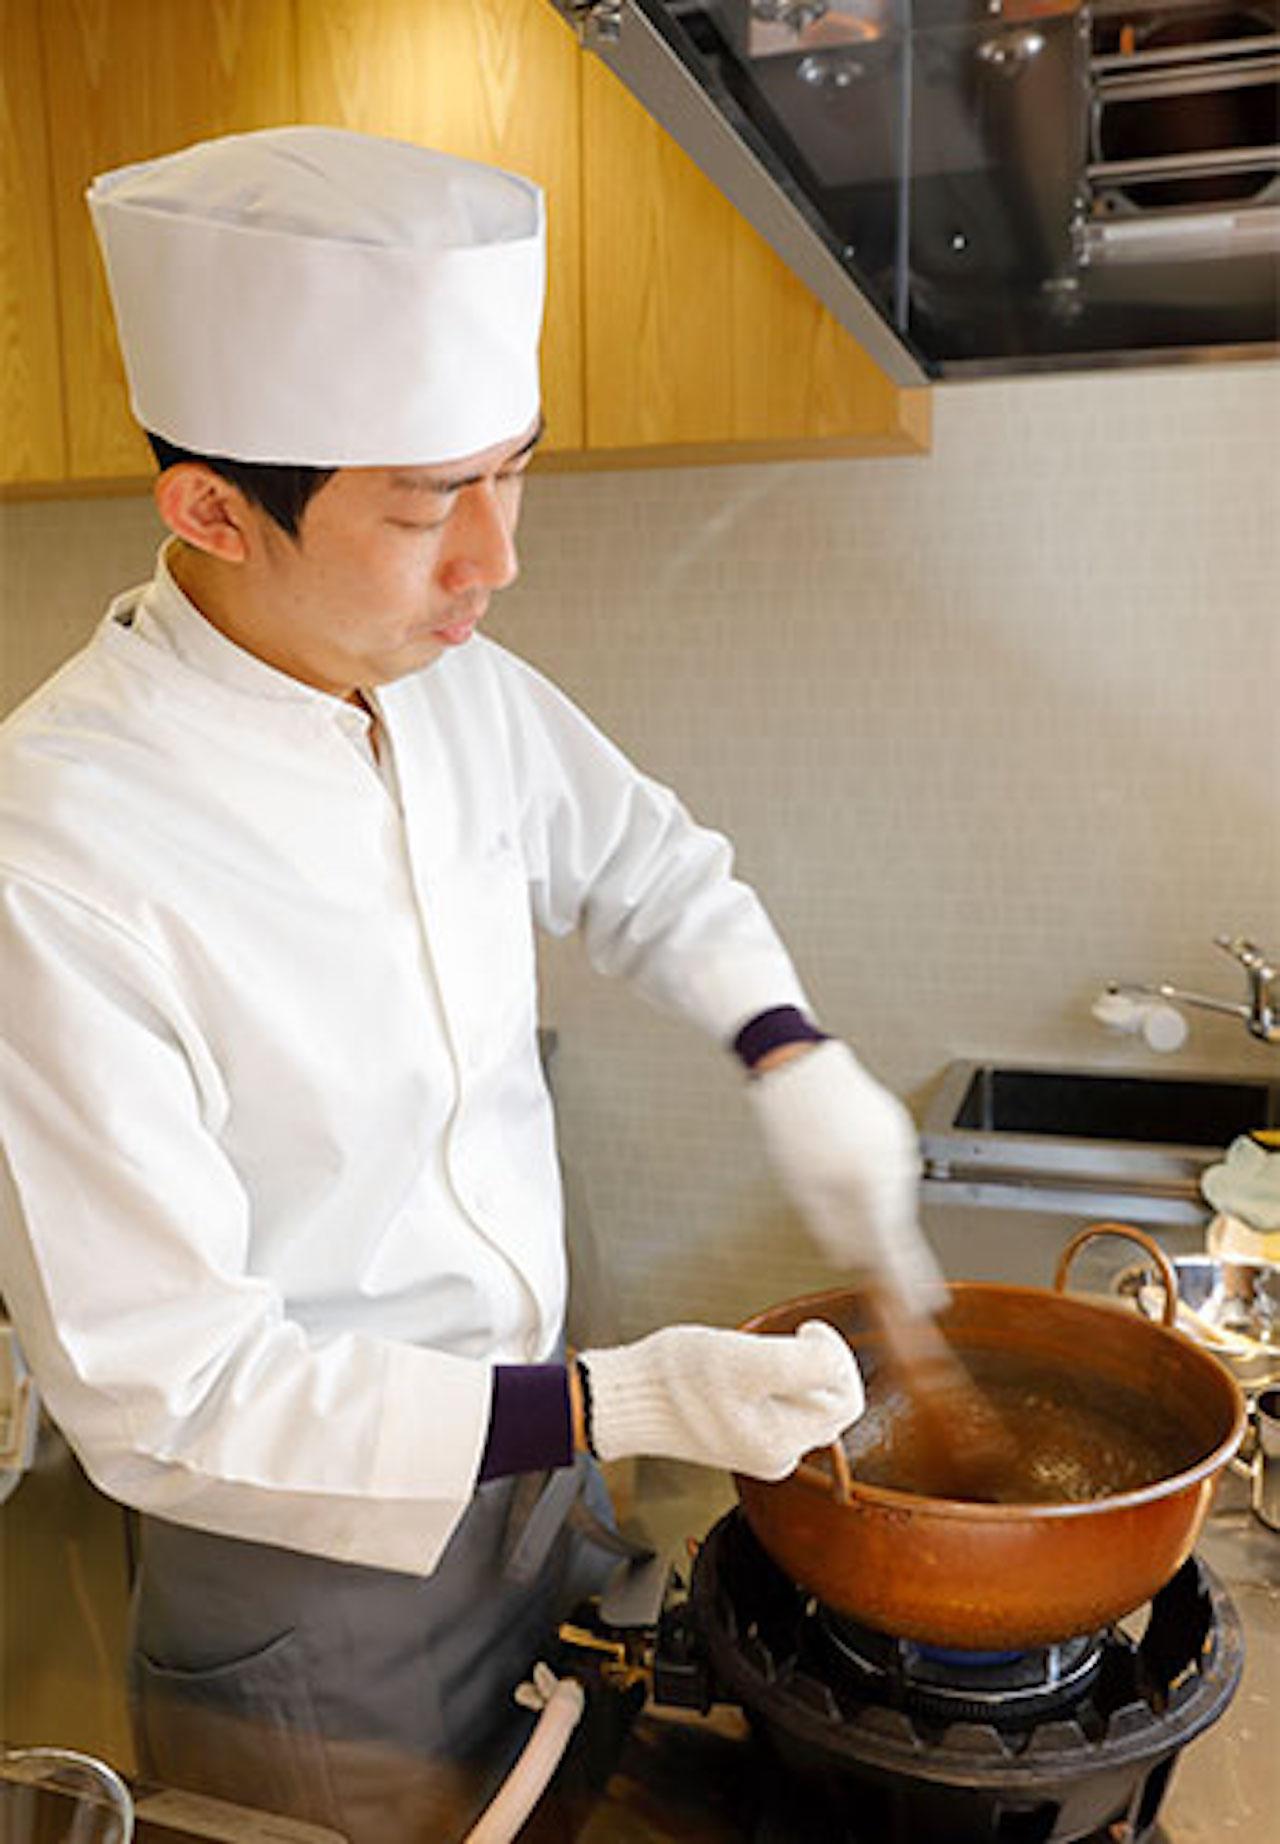 注文後、熟練の京菓子職人が、銅製の鍋で「本練り」という技巧で練り上げる。とろりとした食感が続くのはわずか3分だとか